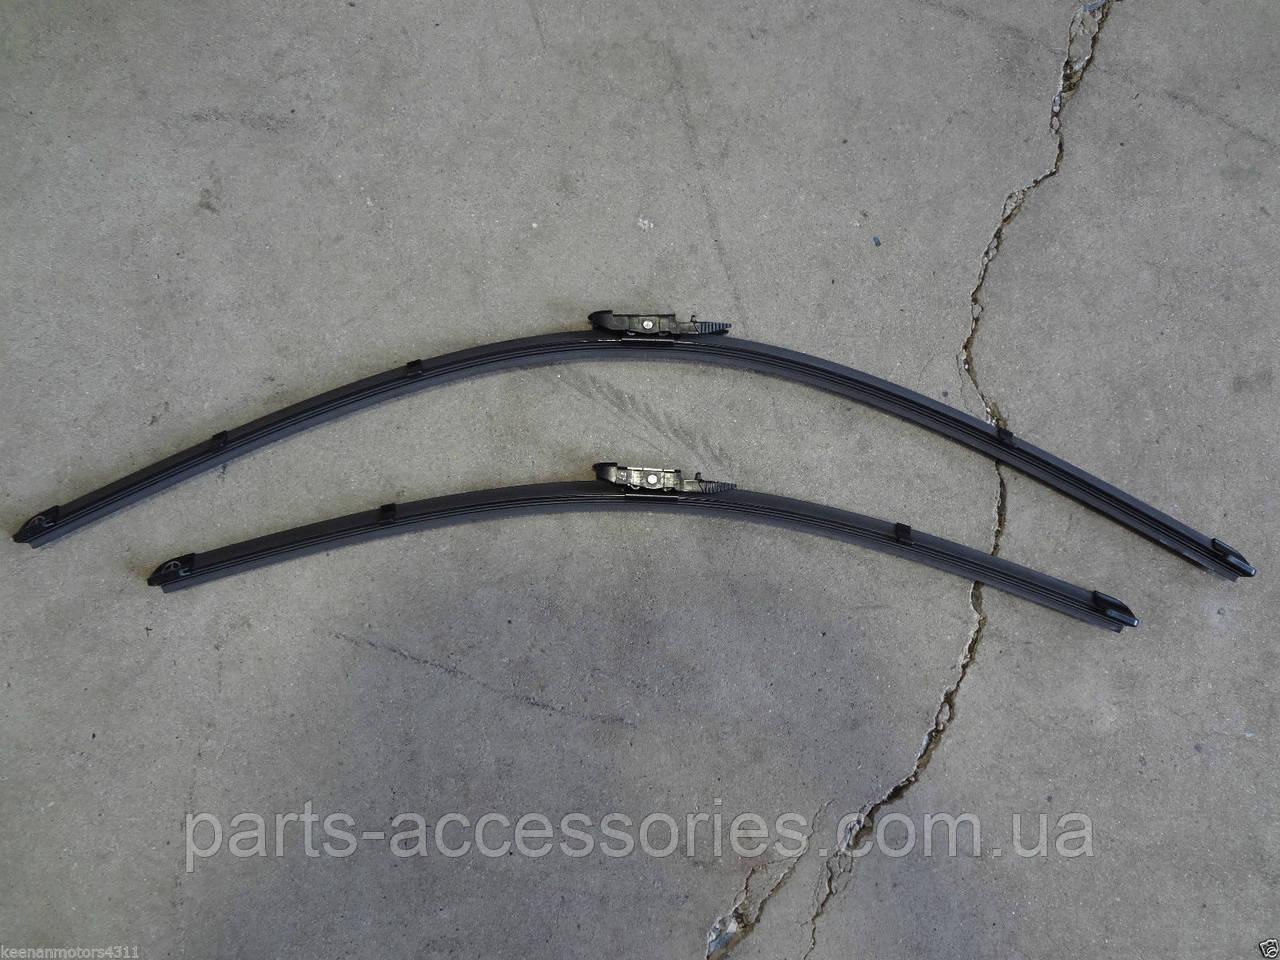 Двірники Mercedes-Benz ML-Class W164 GL X164 Нові Оригінал 2006-12